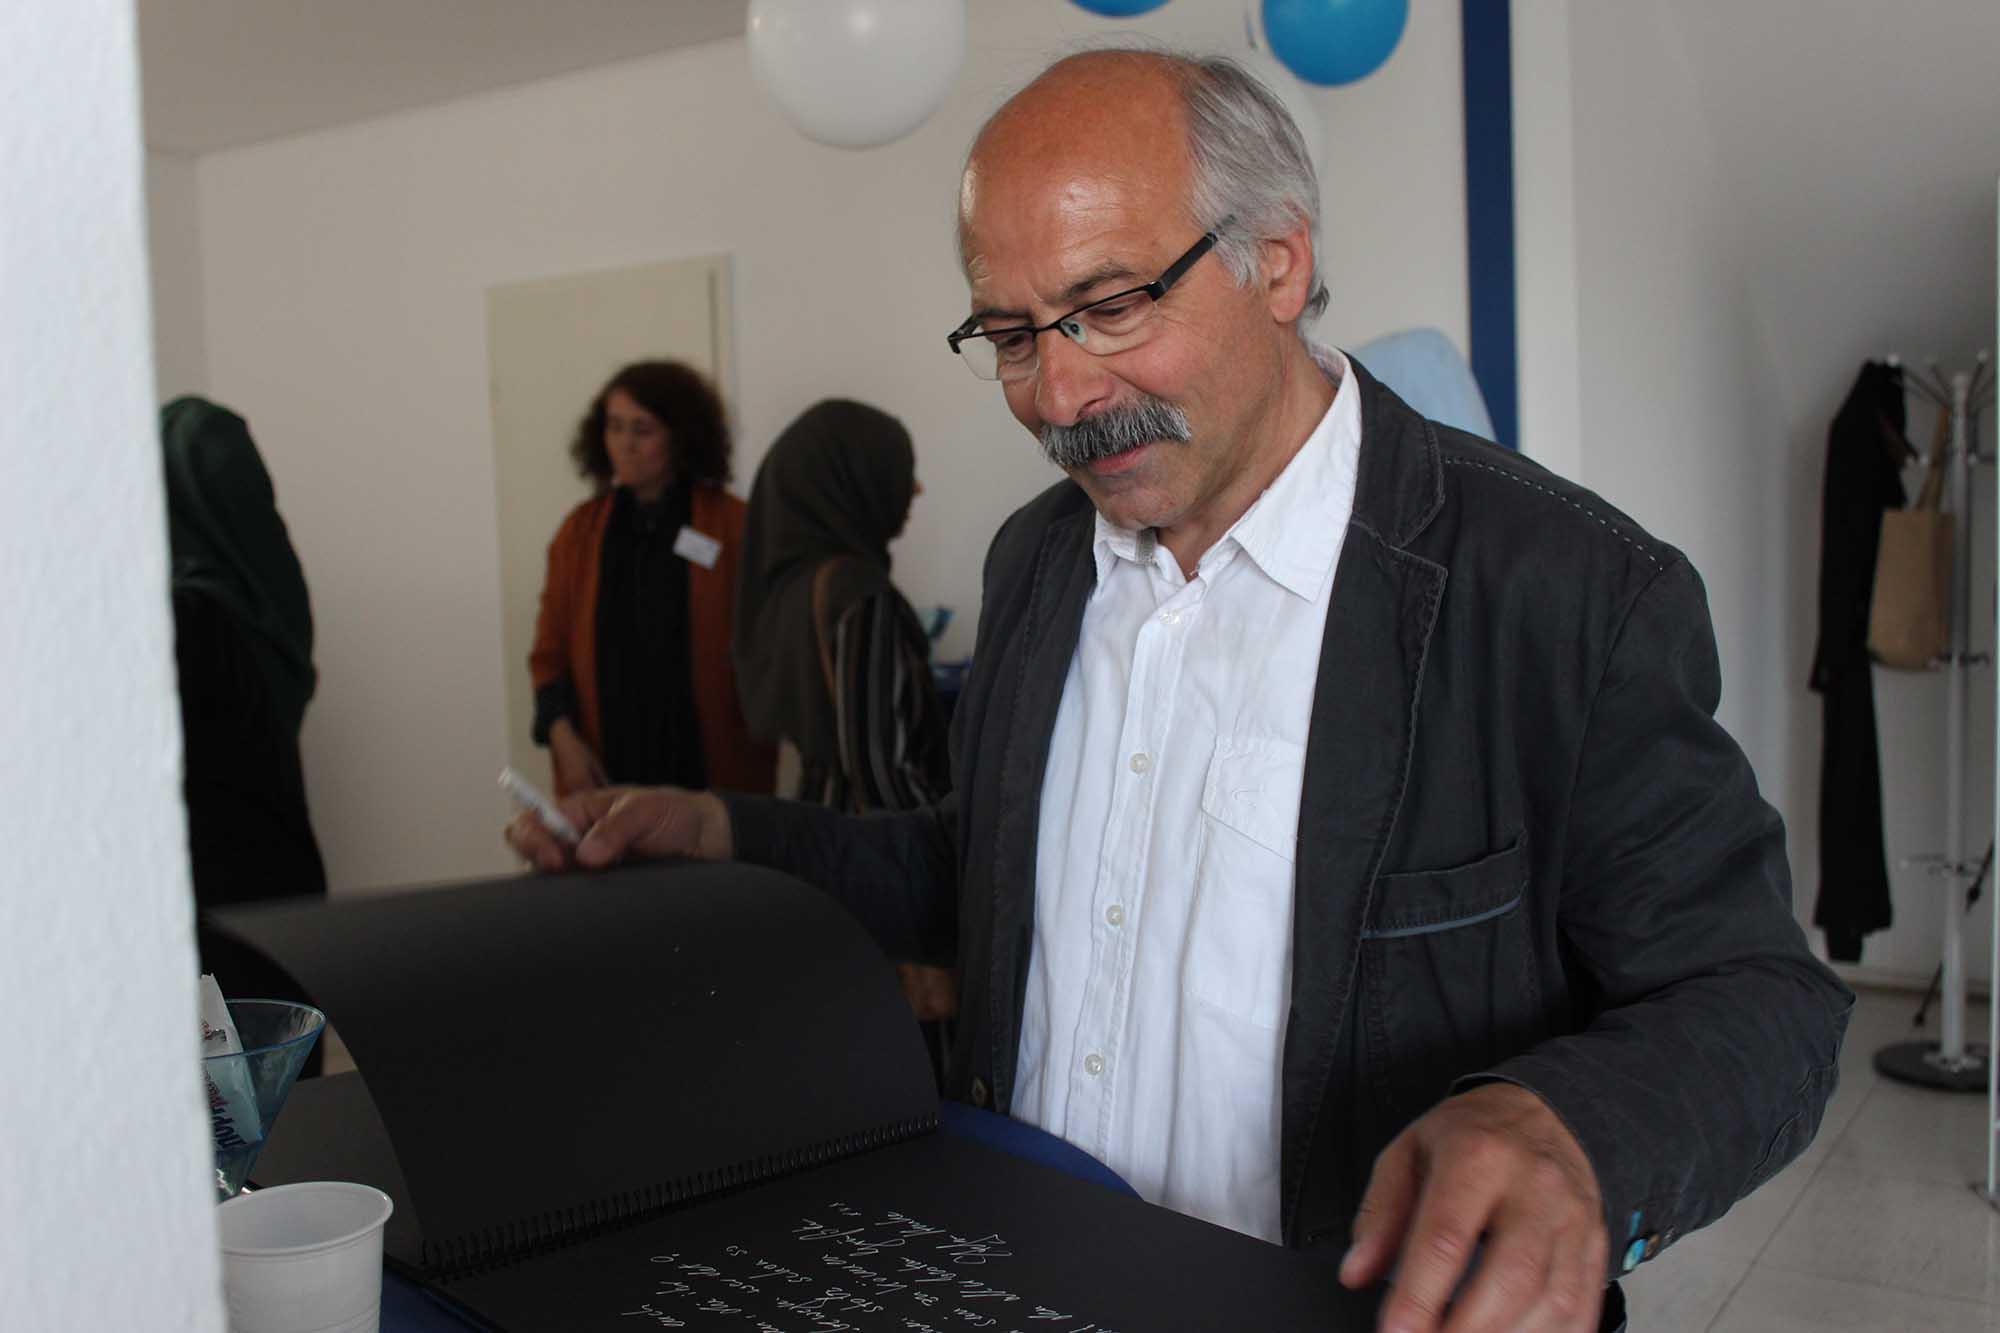 Langjähriger Unterstützer, Fachbeiratsmitglied und Kontaktbeamter der Polizei Köln: Herr Ferring.